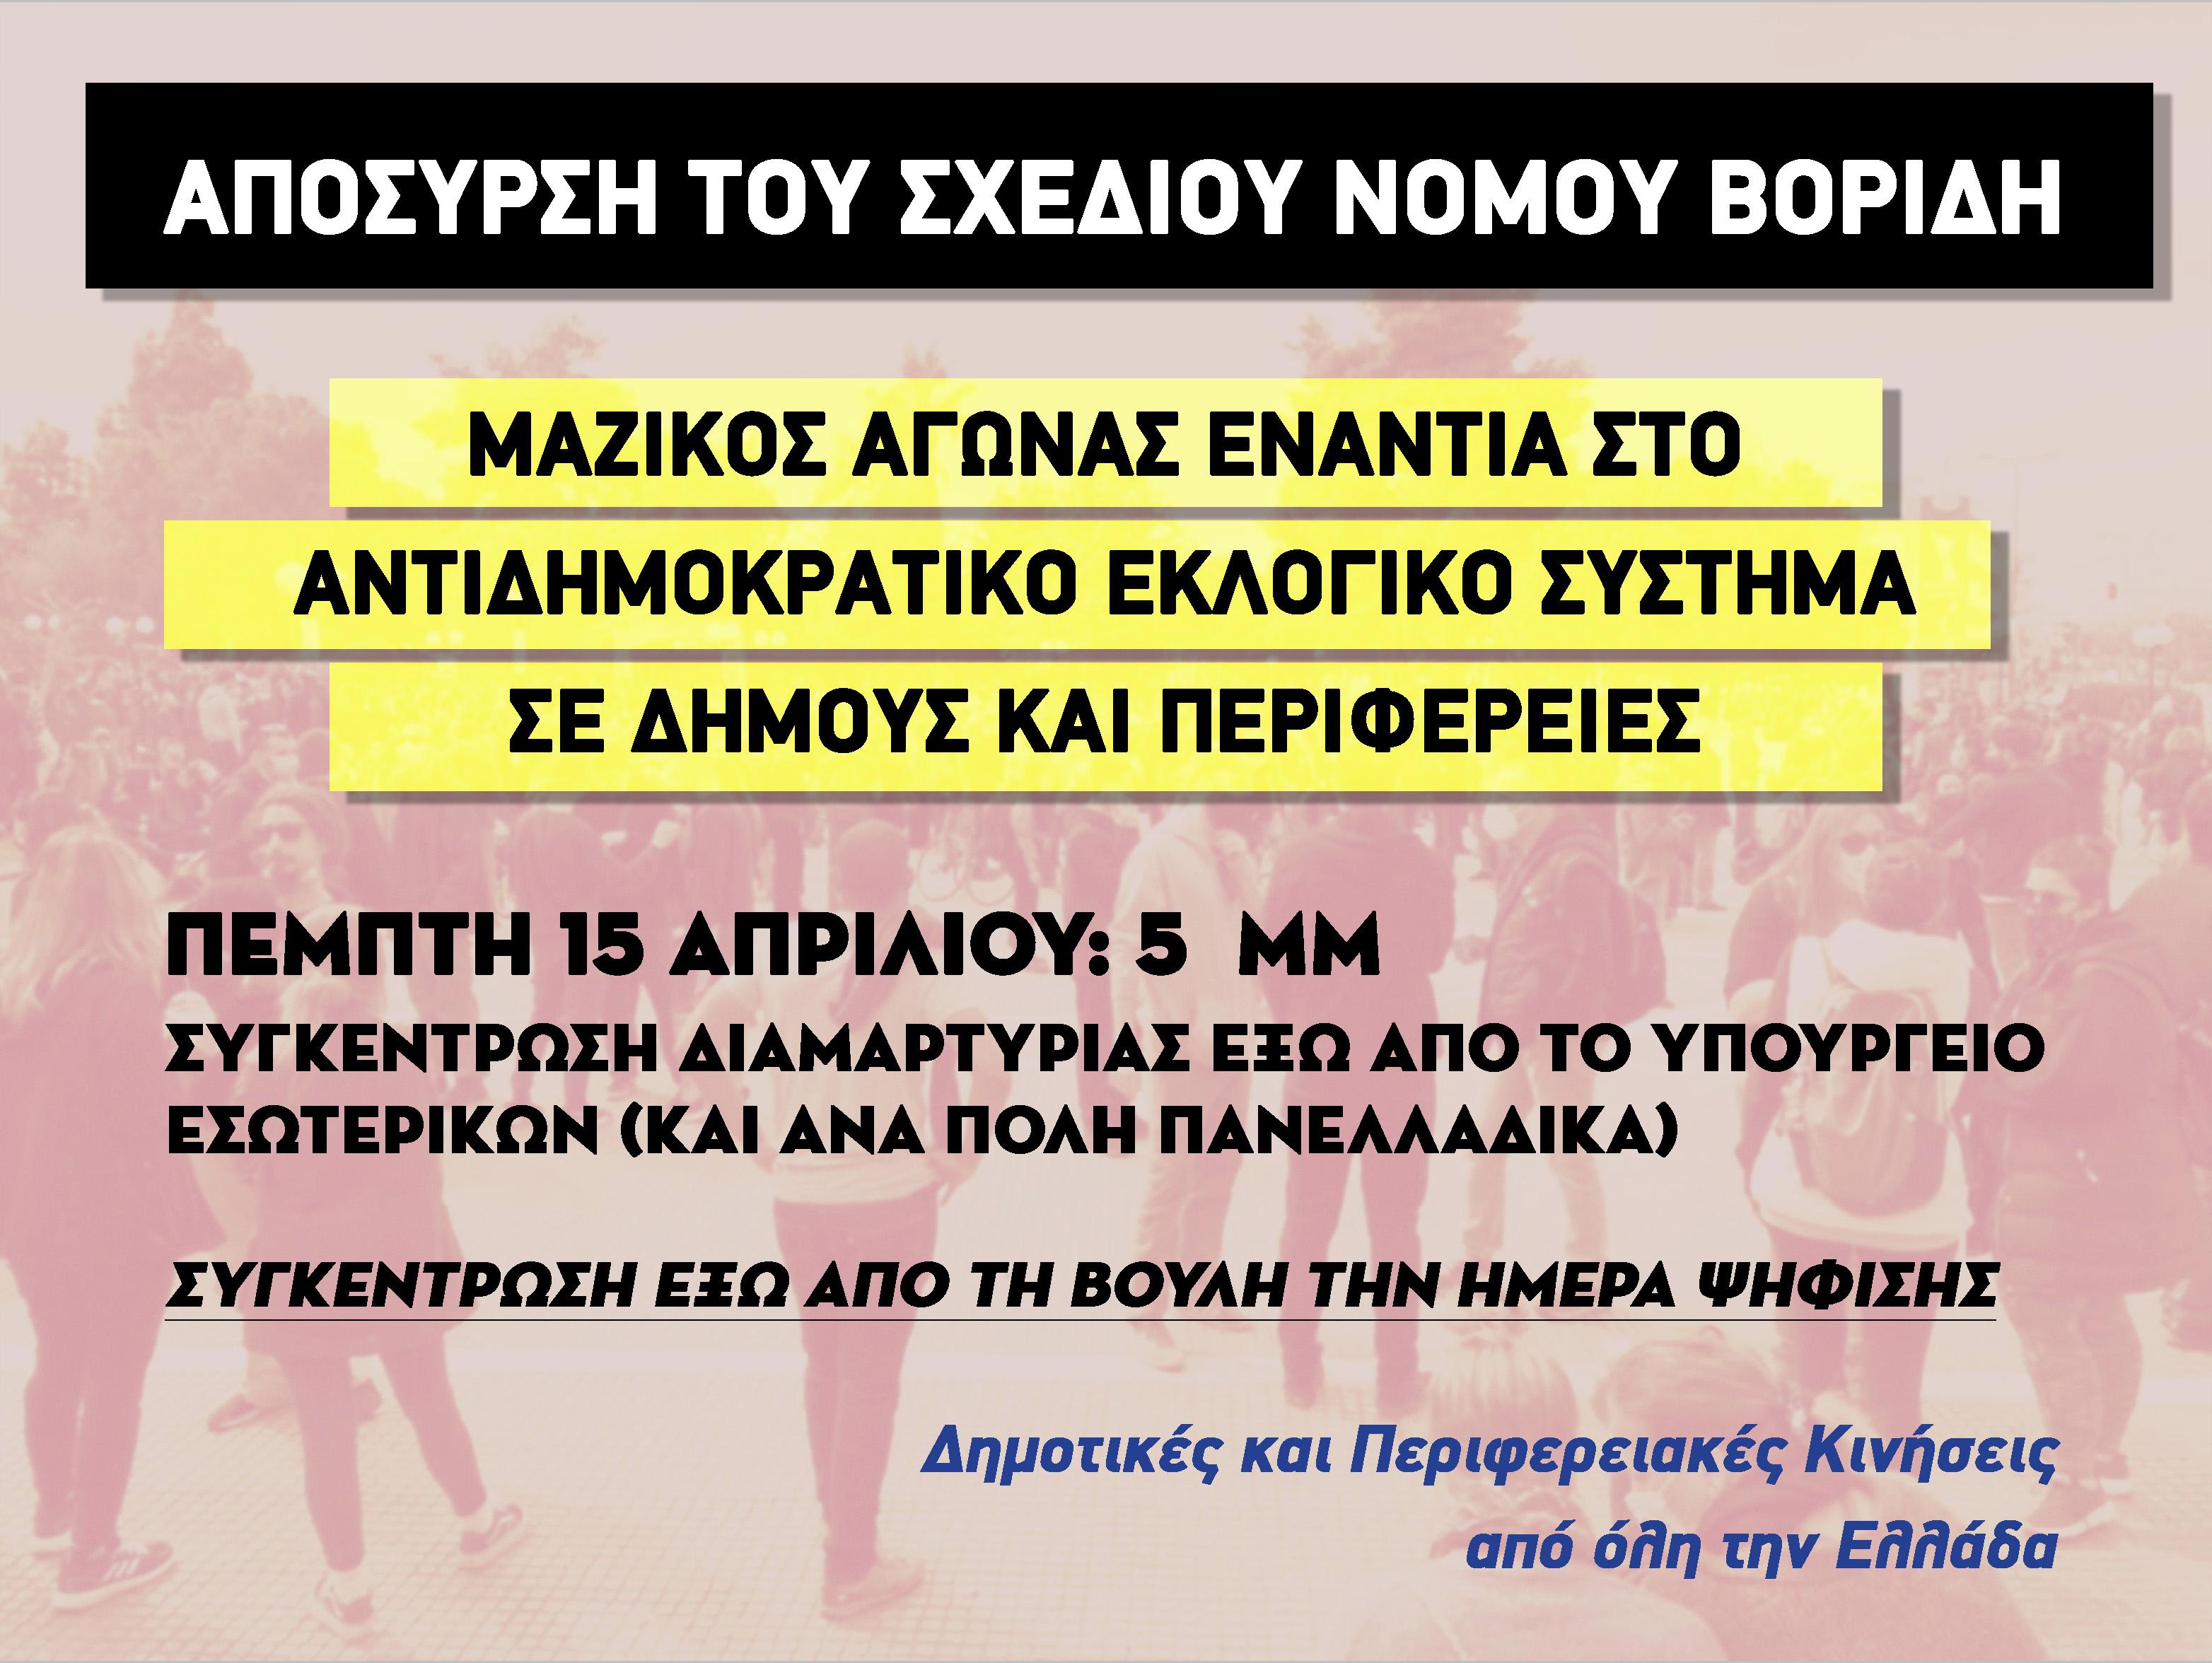 Δημοτικές και περιφερειακές κινήσεις σε όλη την Ελλάδα: Κάλεσμα αγώνα…